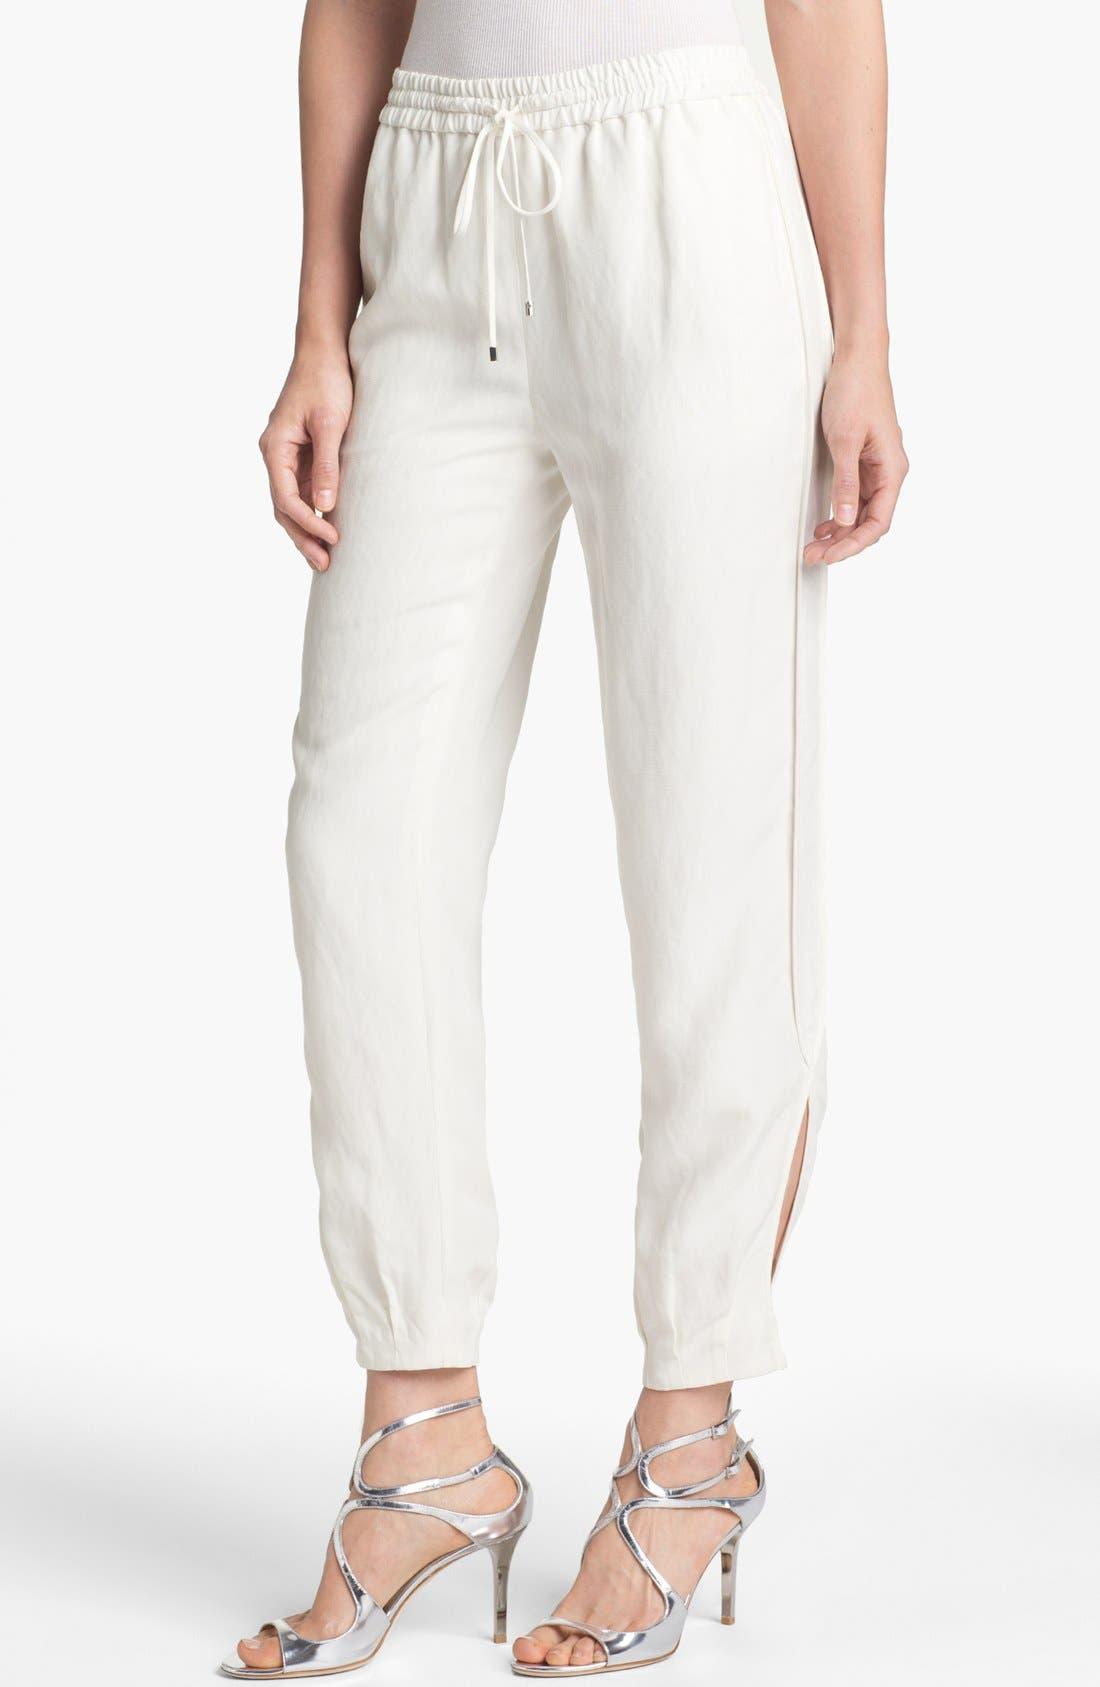 Alternate Image 1 Selected - Diane von Furstenberg 'Kamaris' Crop Pants